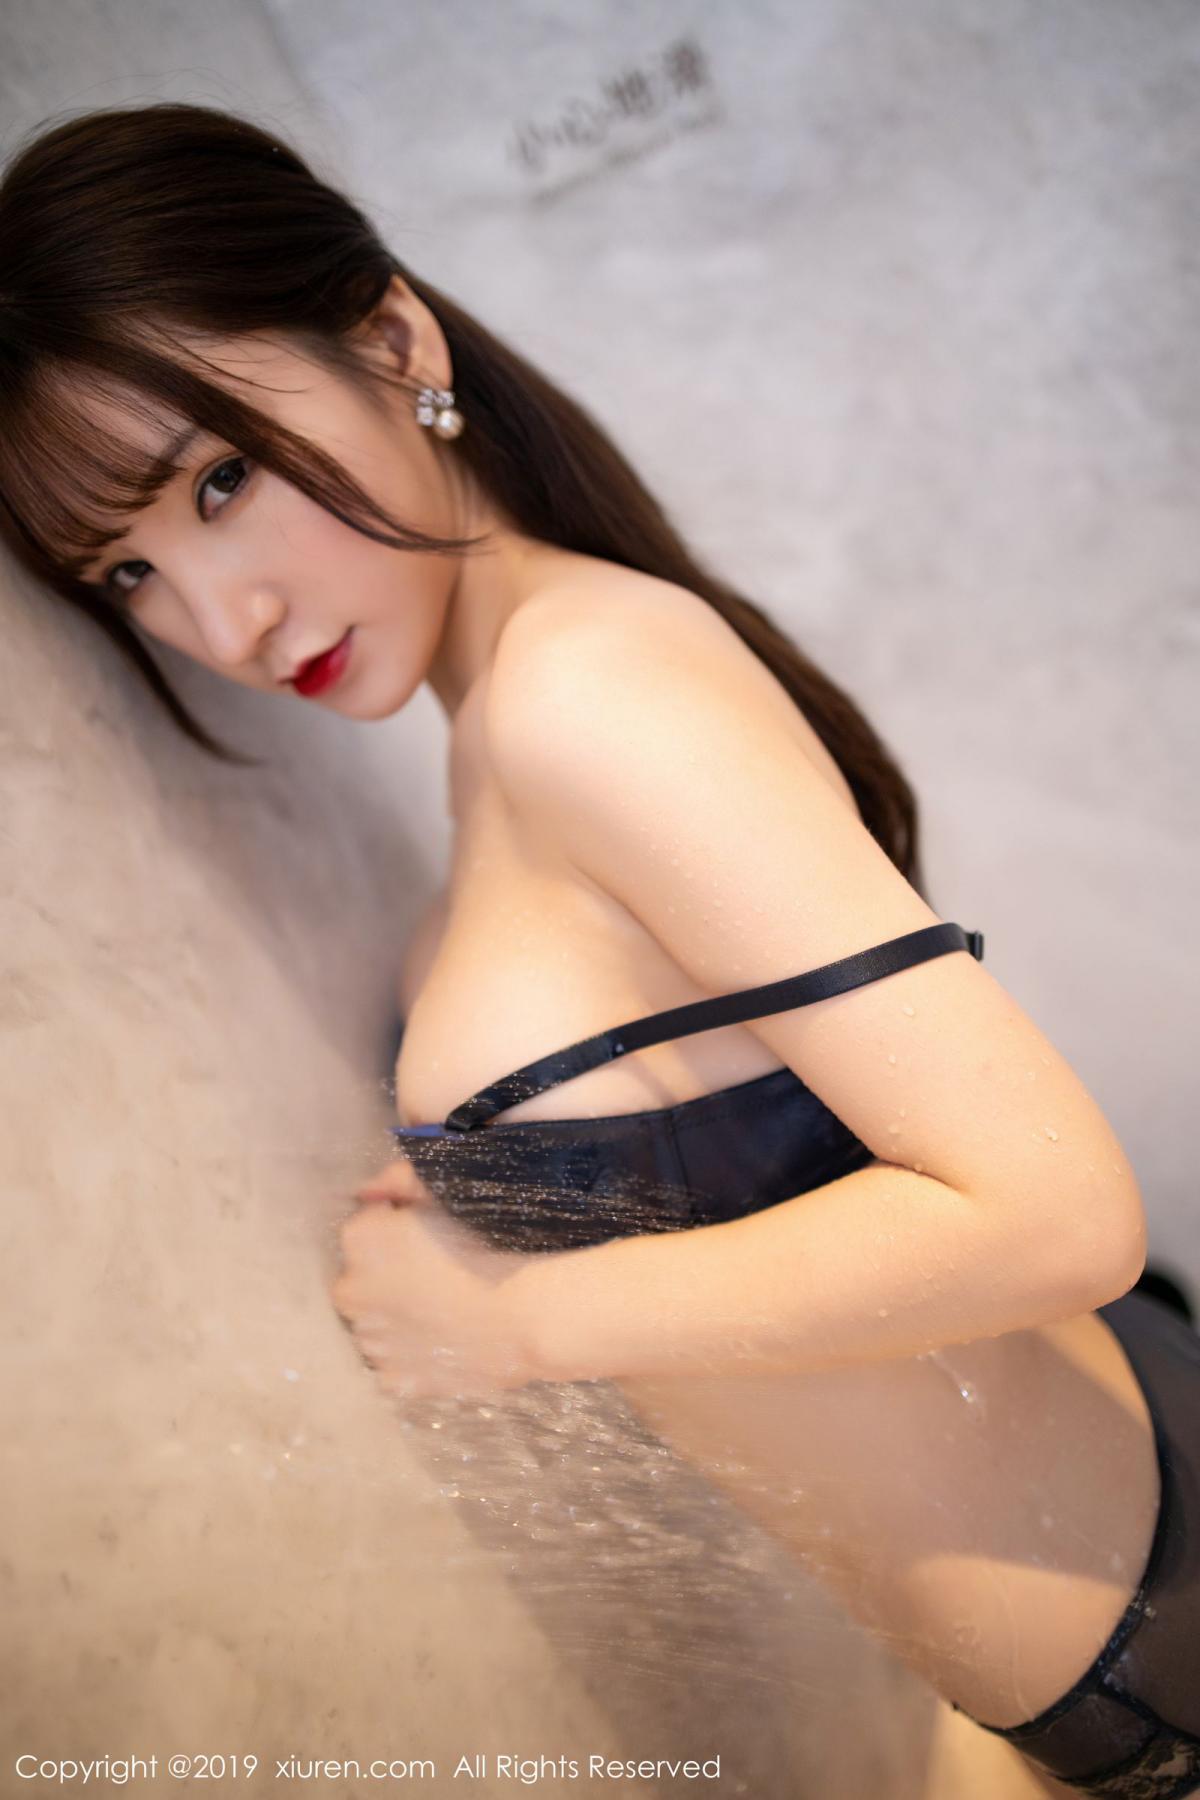 [XiuRen] Vol.1703 Zhou Yu Xi 65P, Bathroom, Wet, Xiuren, Zhou Yu Xi